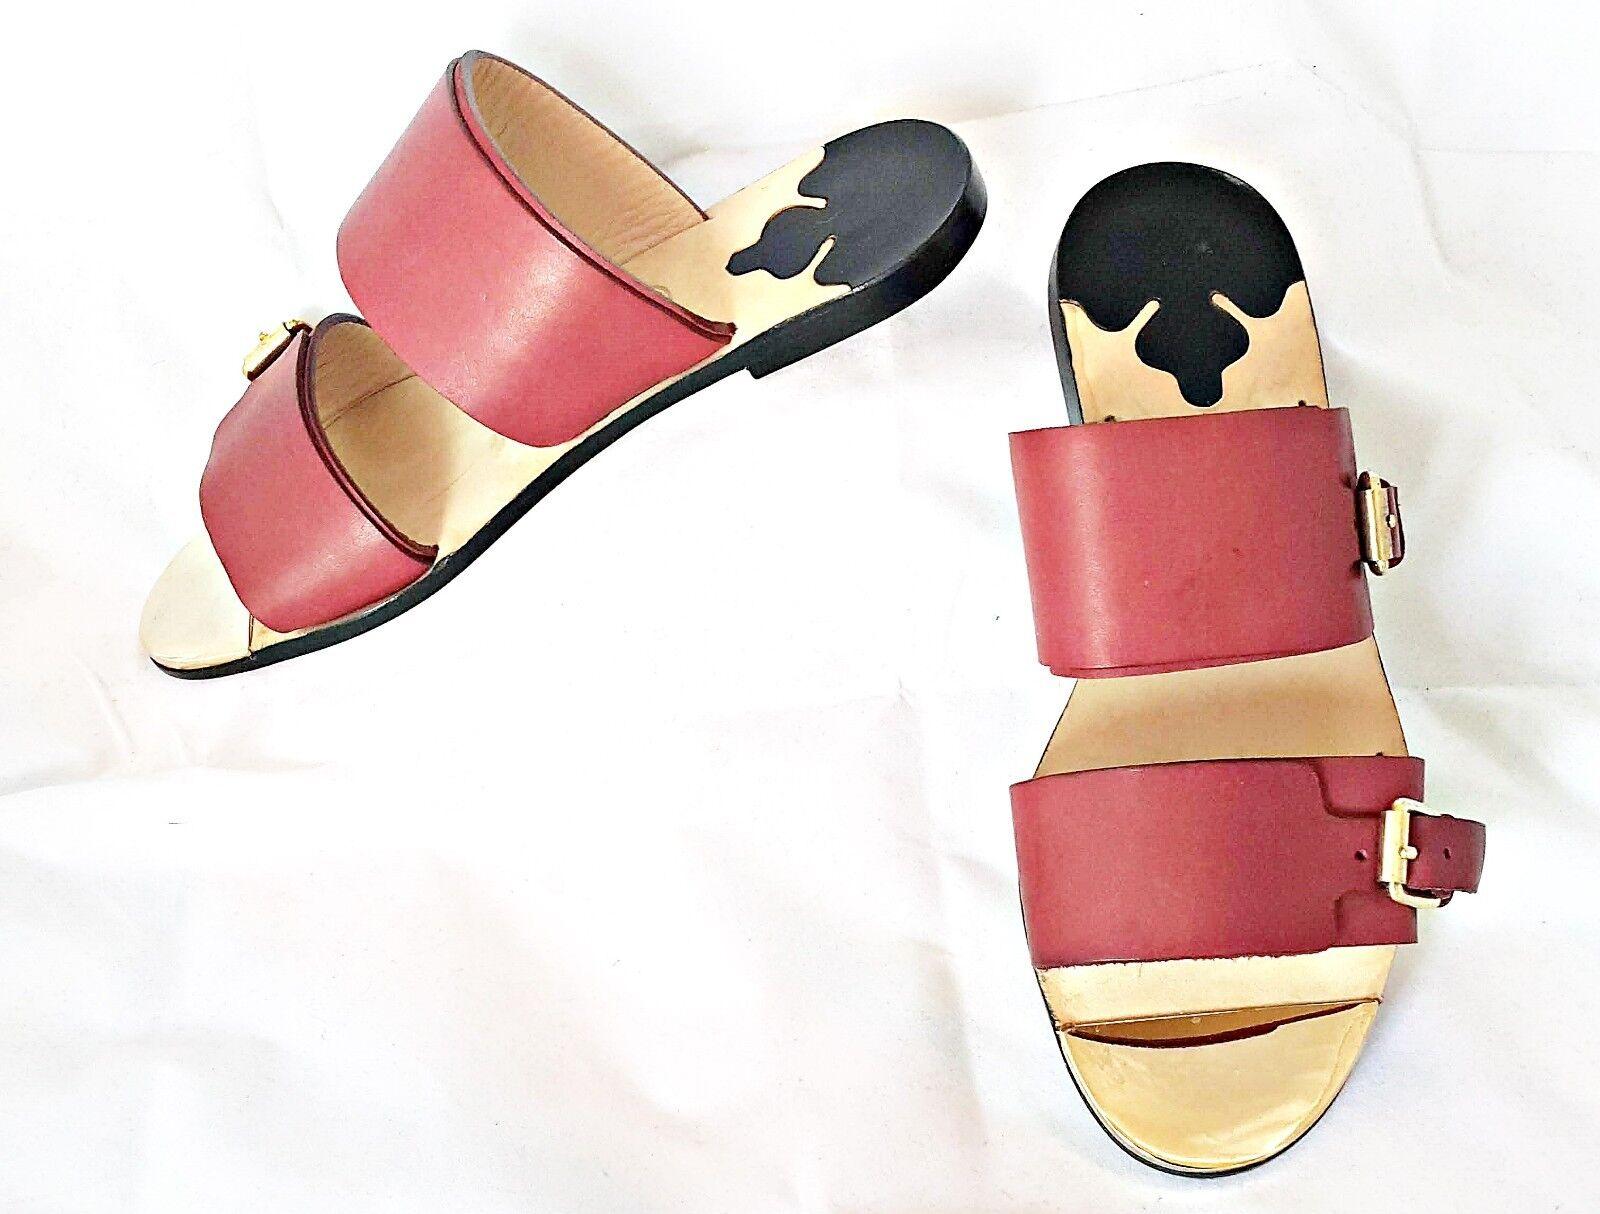 Vintage Auténtico Malene Birger Cuero para Mujeres Zapatos Sandalias Sandalias Sandalias  nos EU 5.5; 36.5  mejor calidad